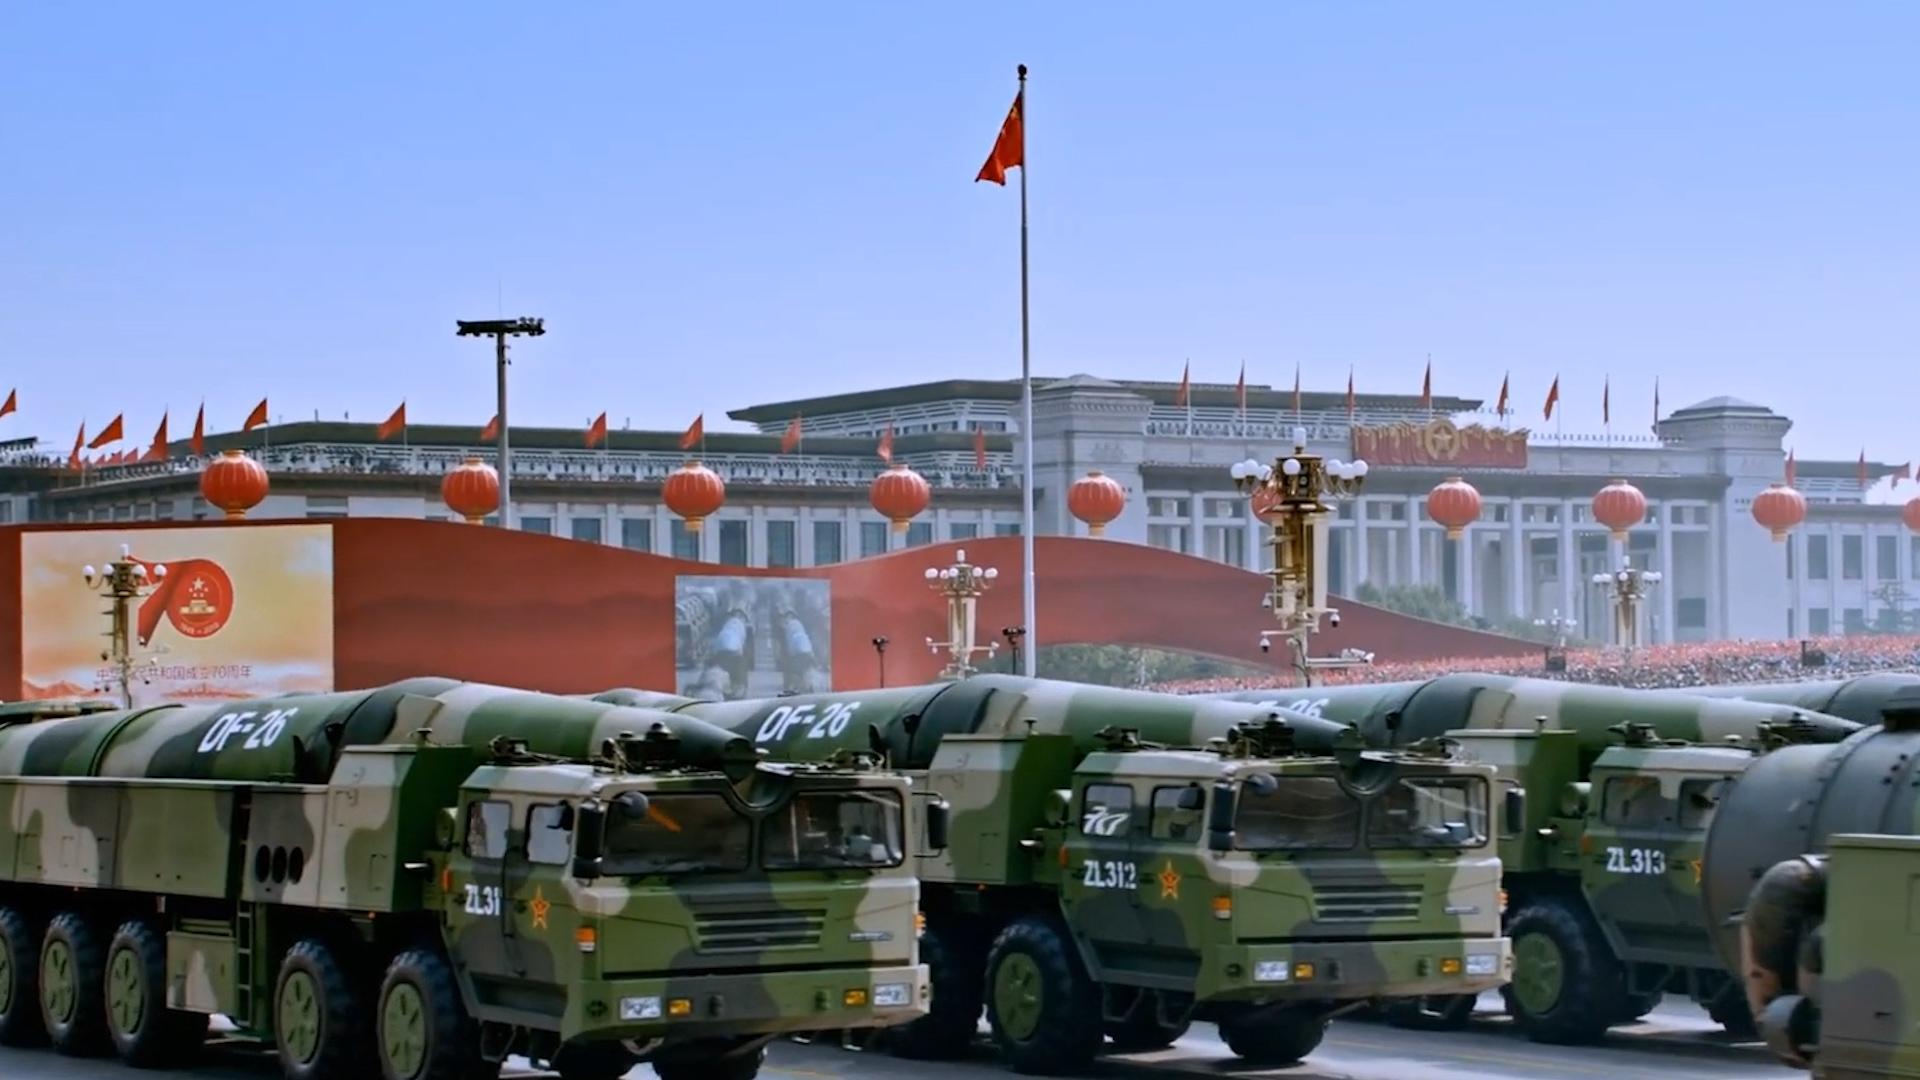 中国军队第四军种——中国火箭军